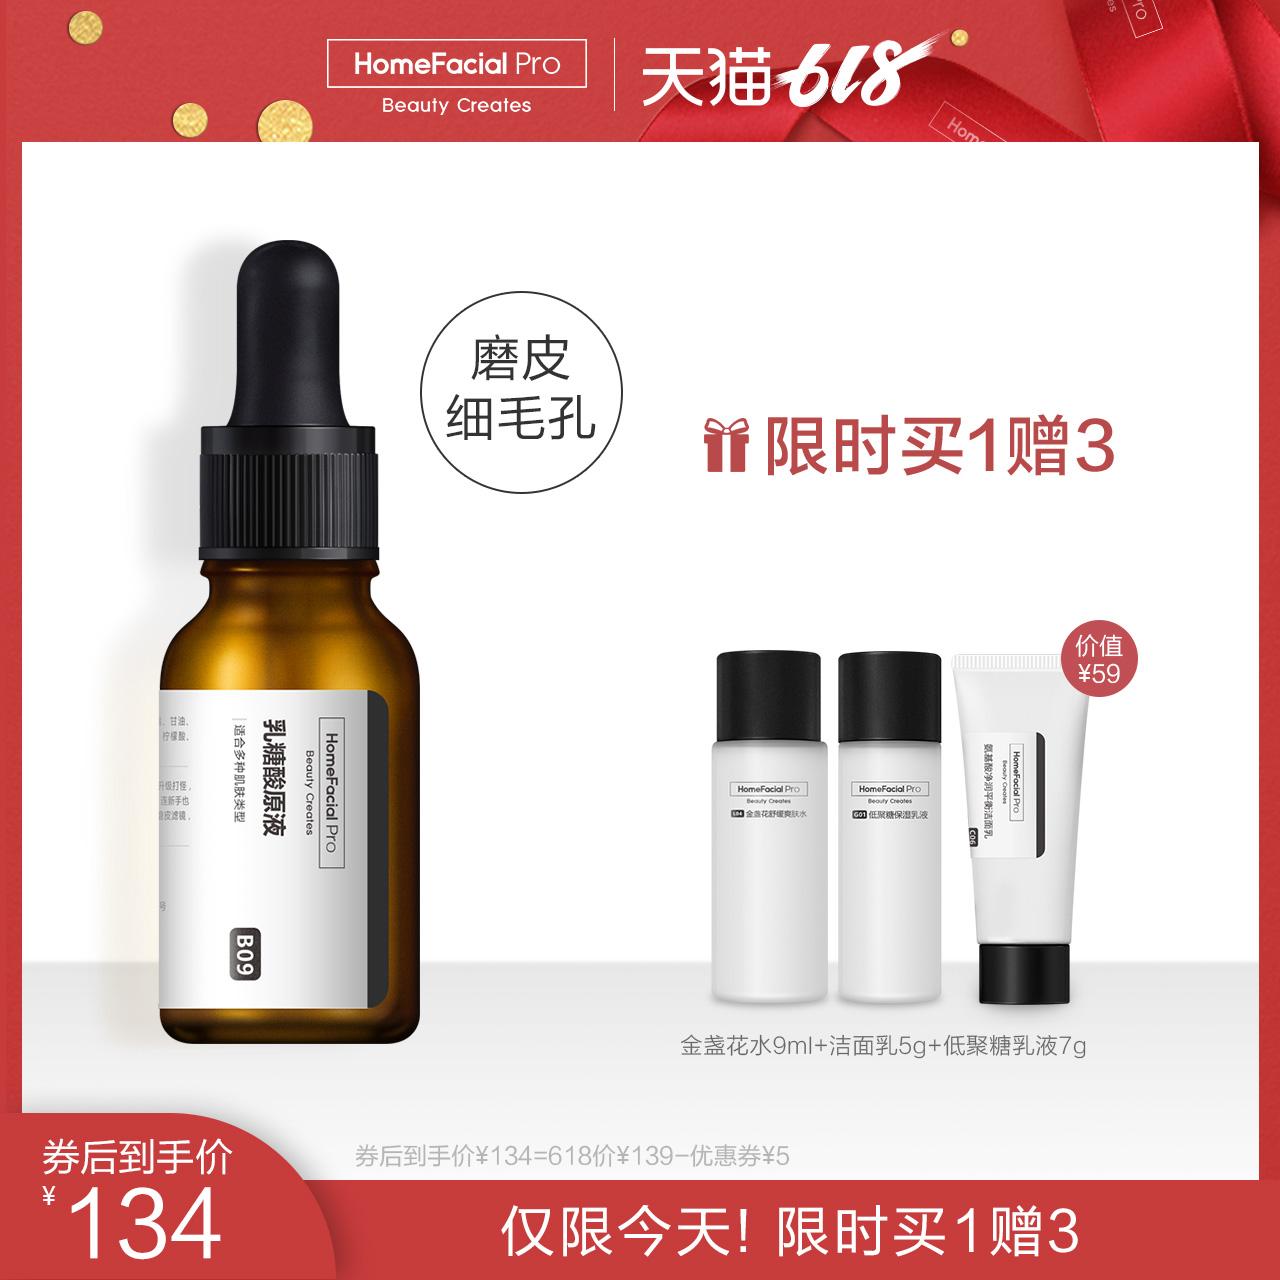 HFP乳糖酸原液 收缩毛孔面部精华液修护毛孔粗大去黑头果酸男女